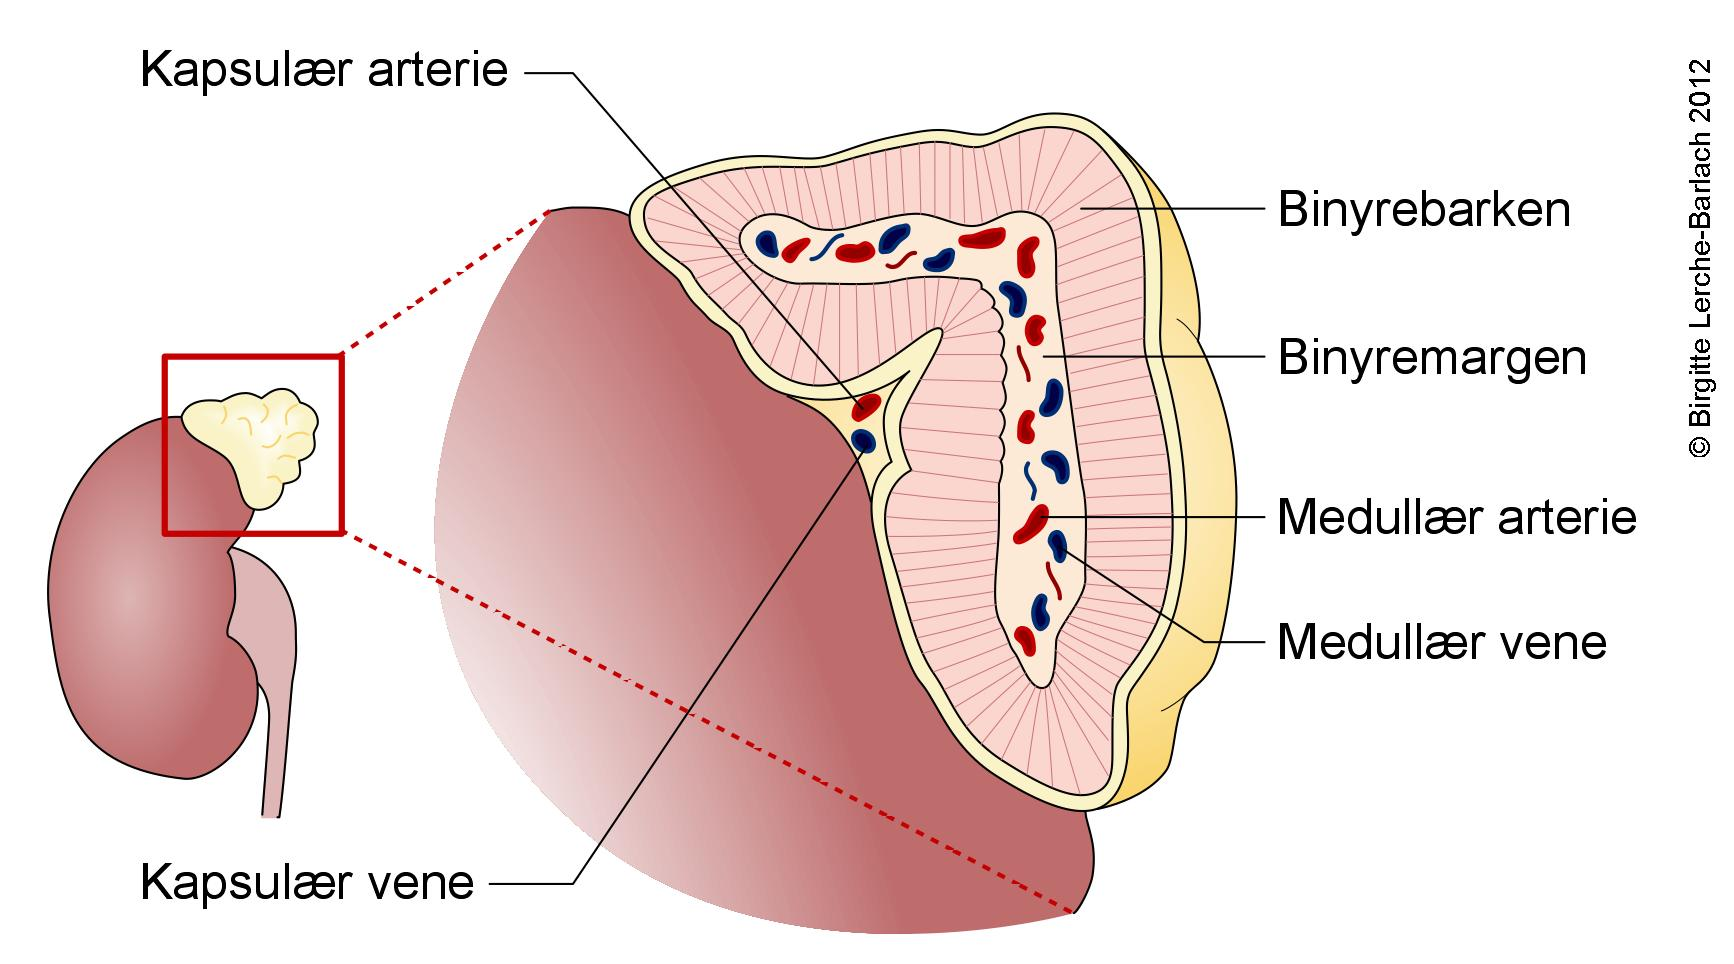 kortikosteroider og glukokortikoider